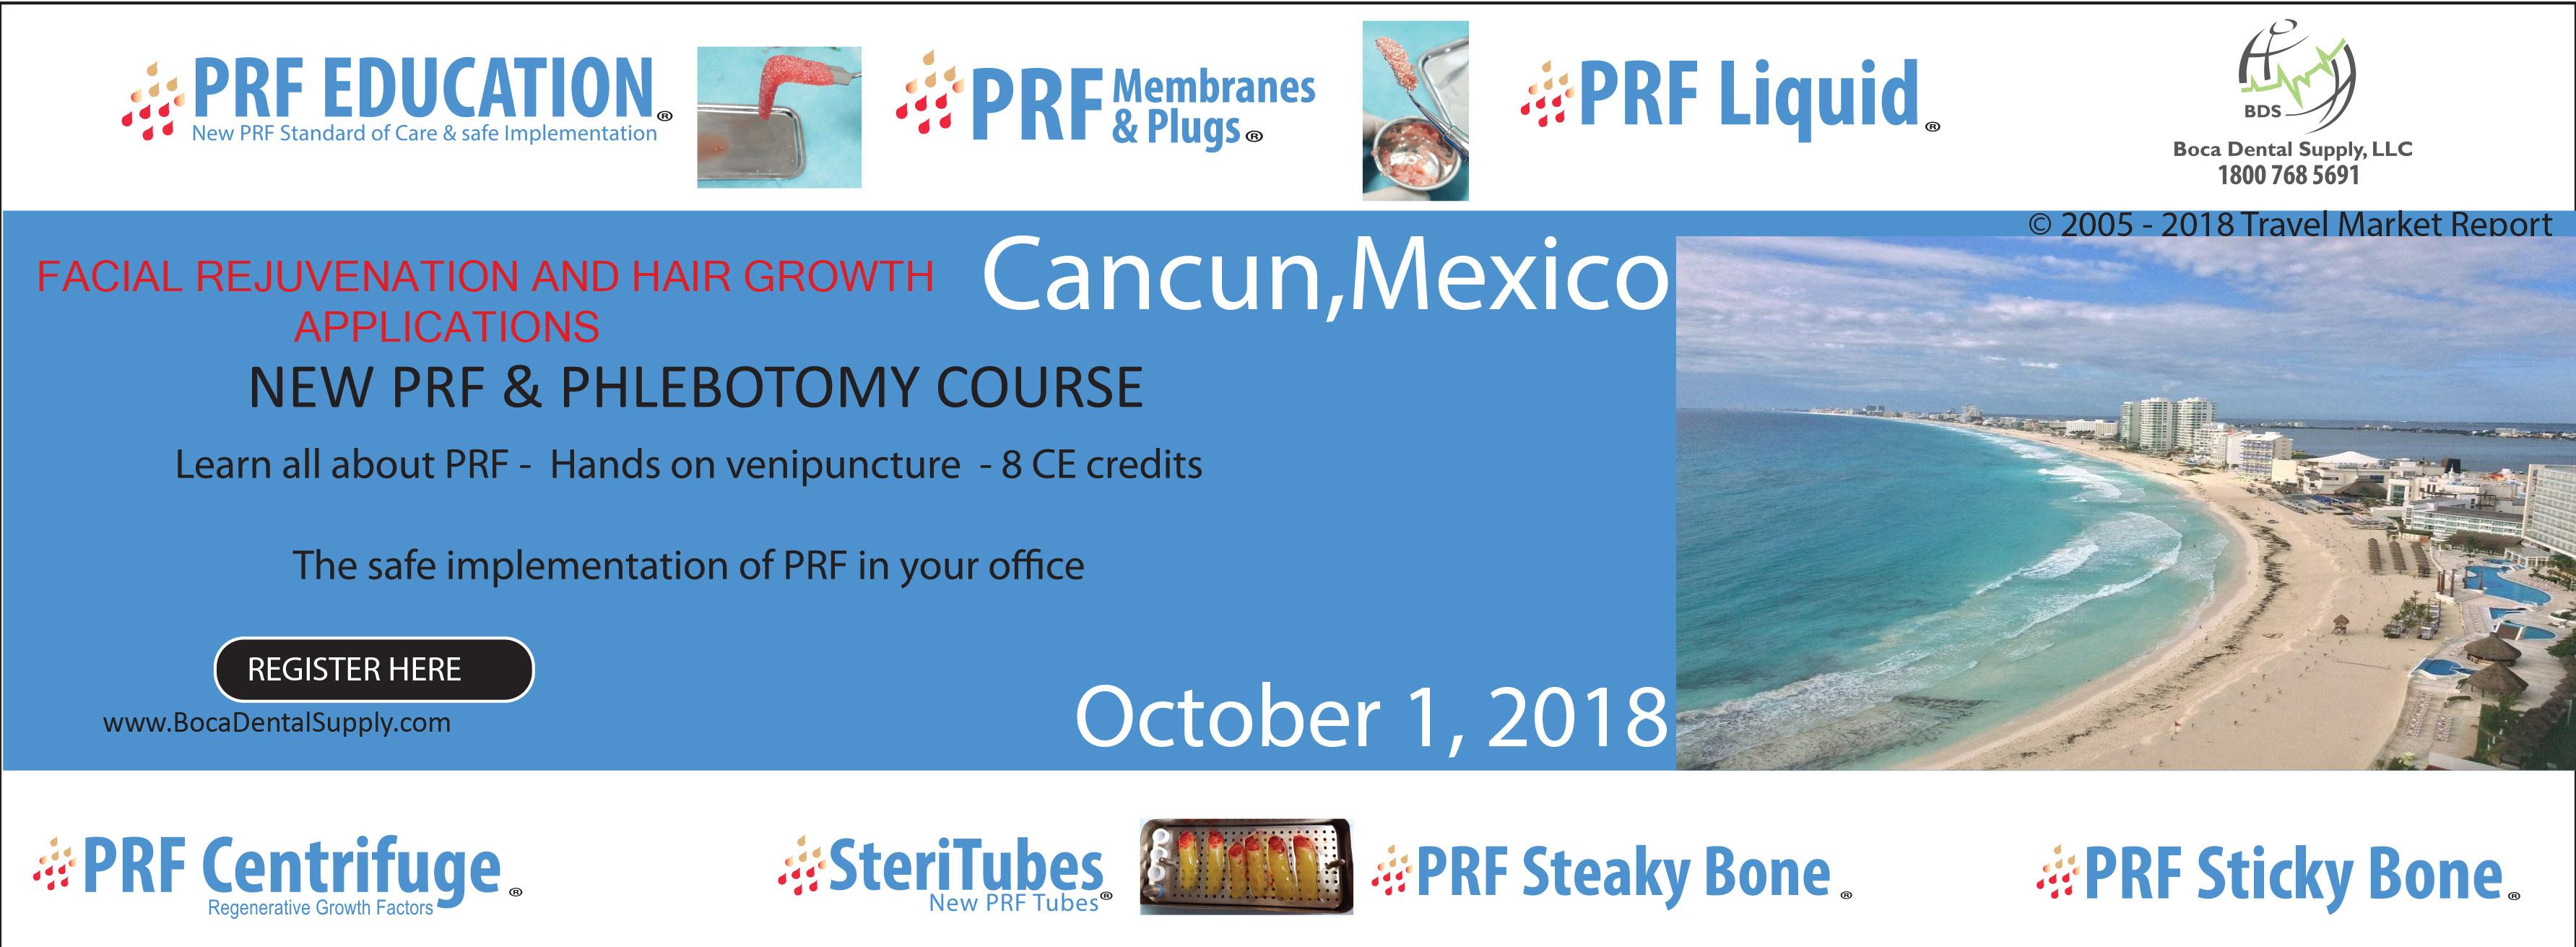 prf-course-cancun-facial-rejuvenation-2018.jpg